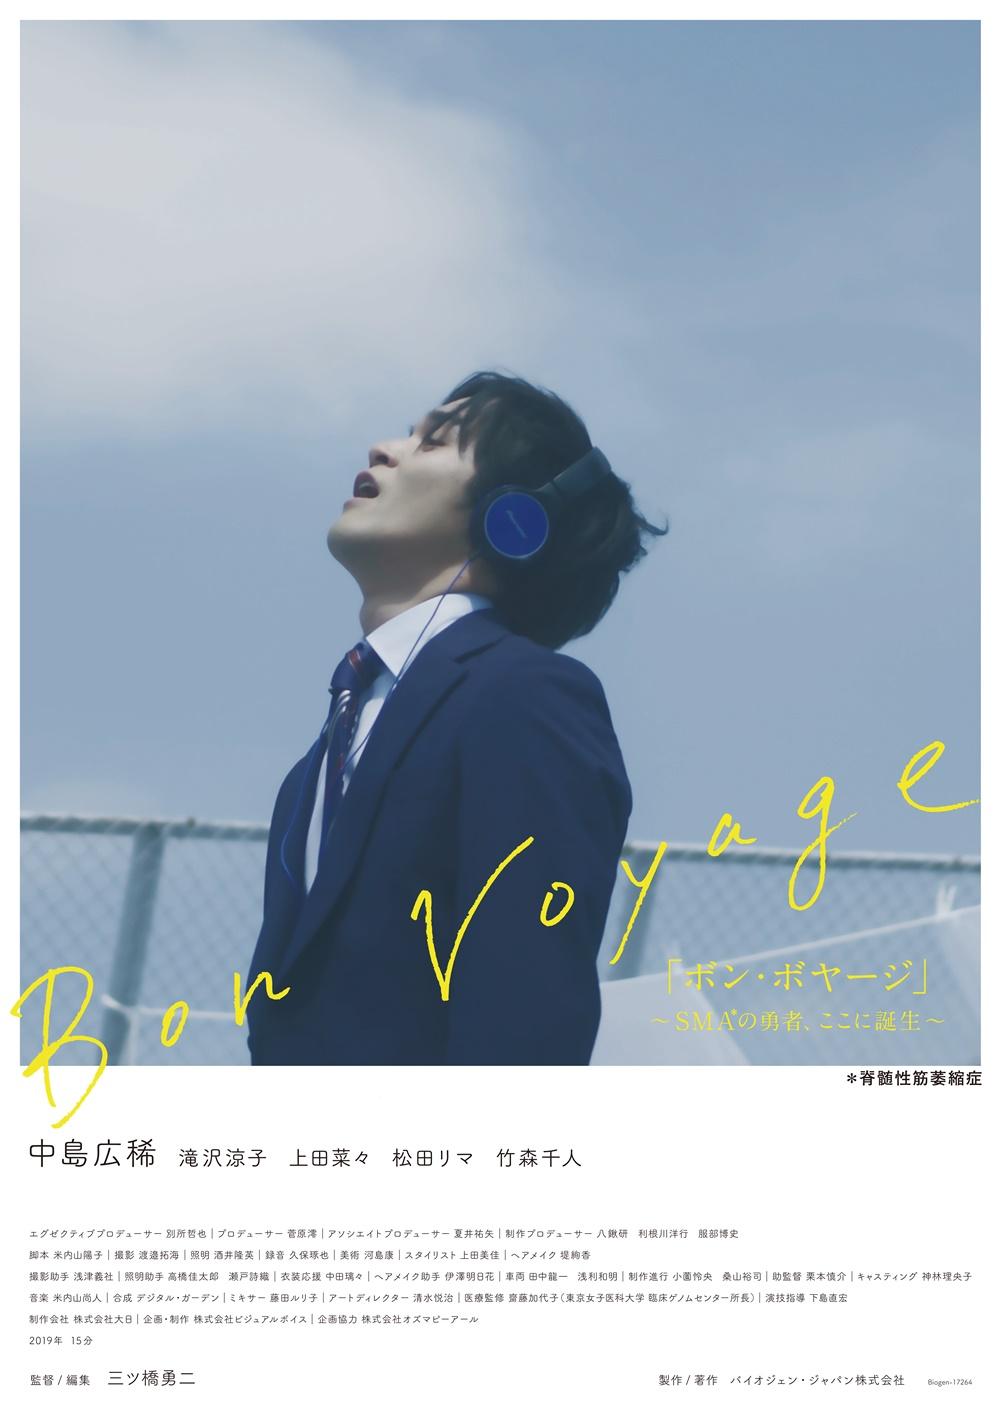 【画像】映画『Bon Voyage ボン・ボヤージ SMAの勇者ここに誕生』ポスター